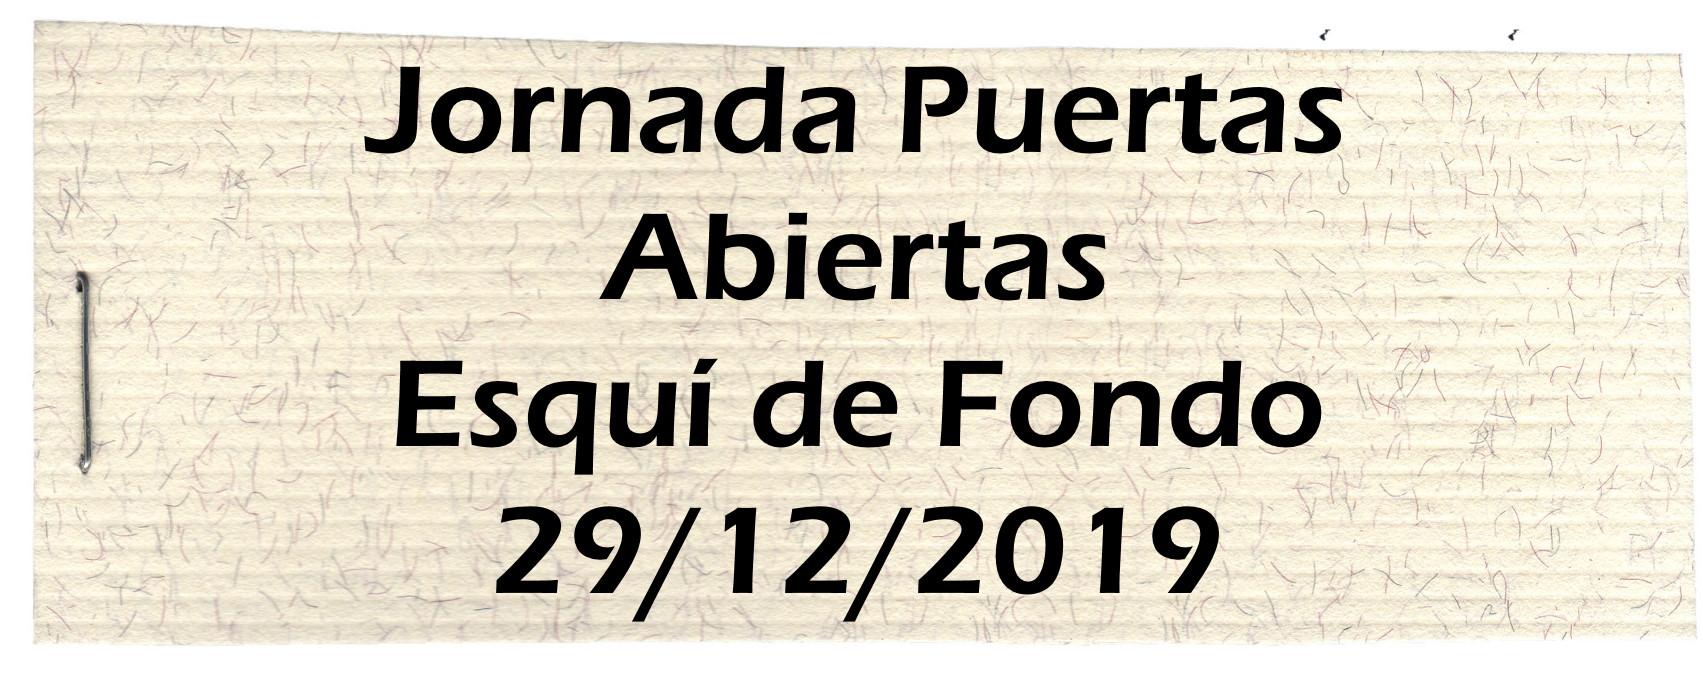 Puertas Abiertas Fondo 2019